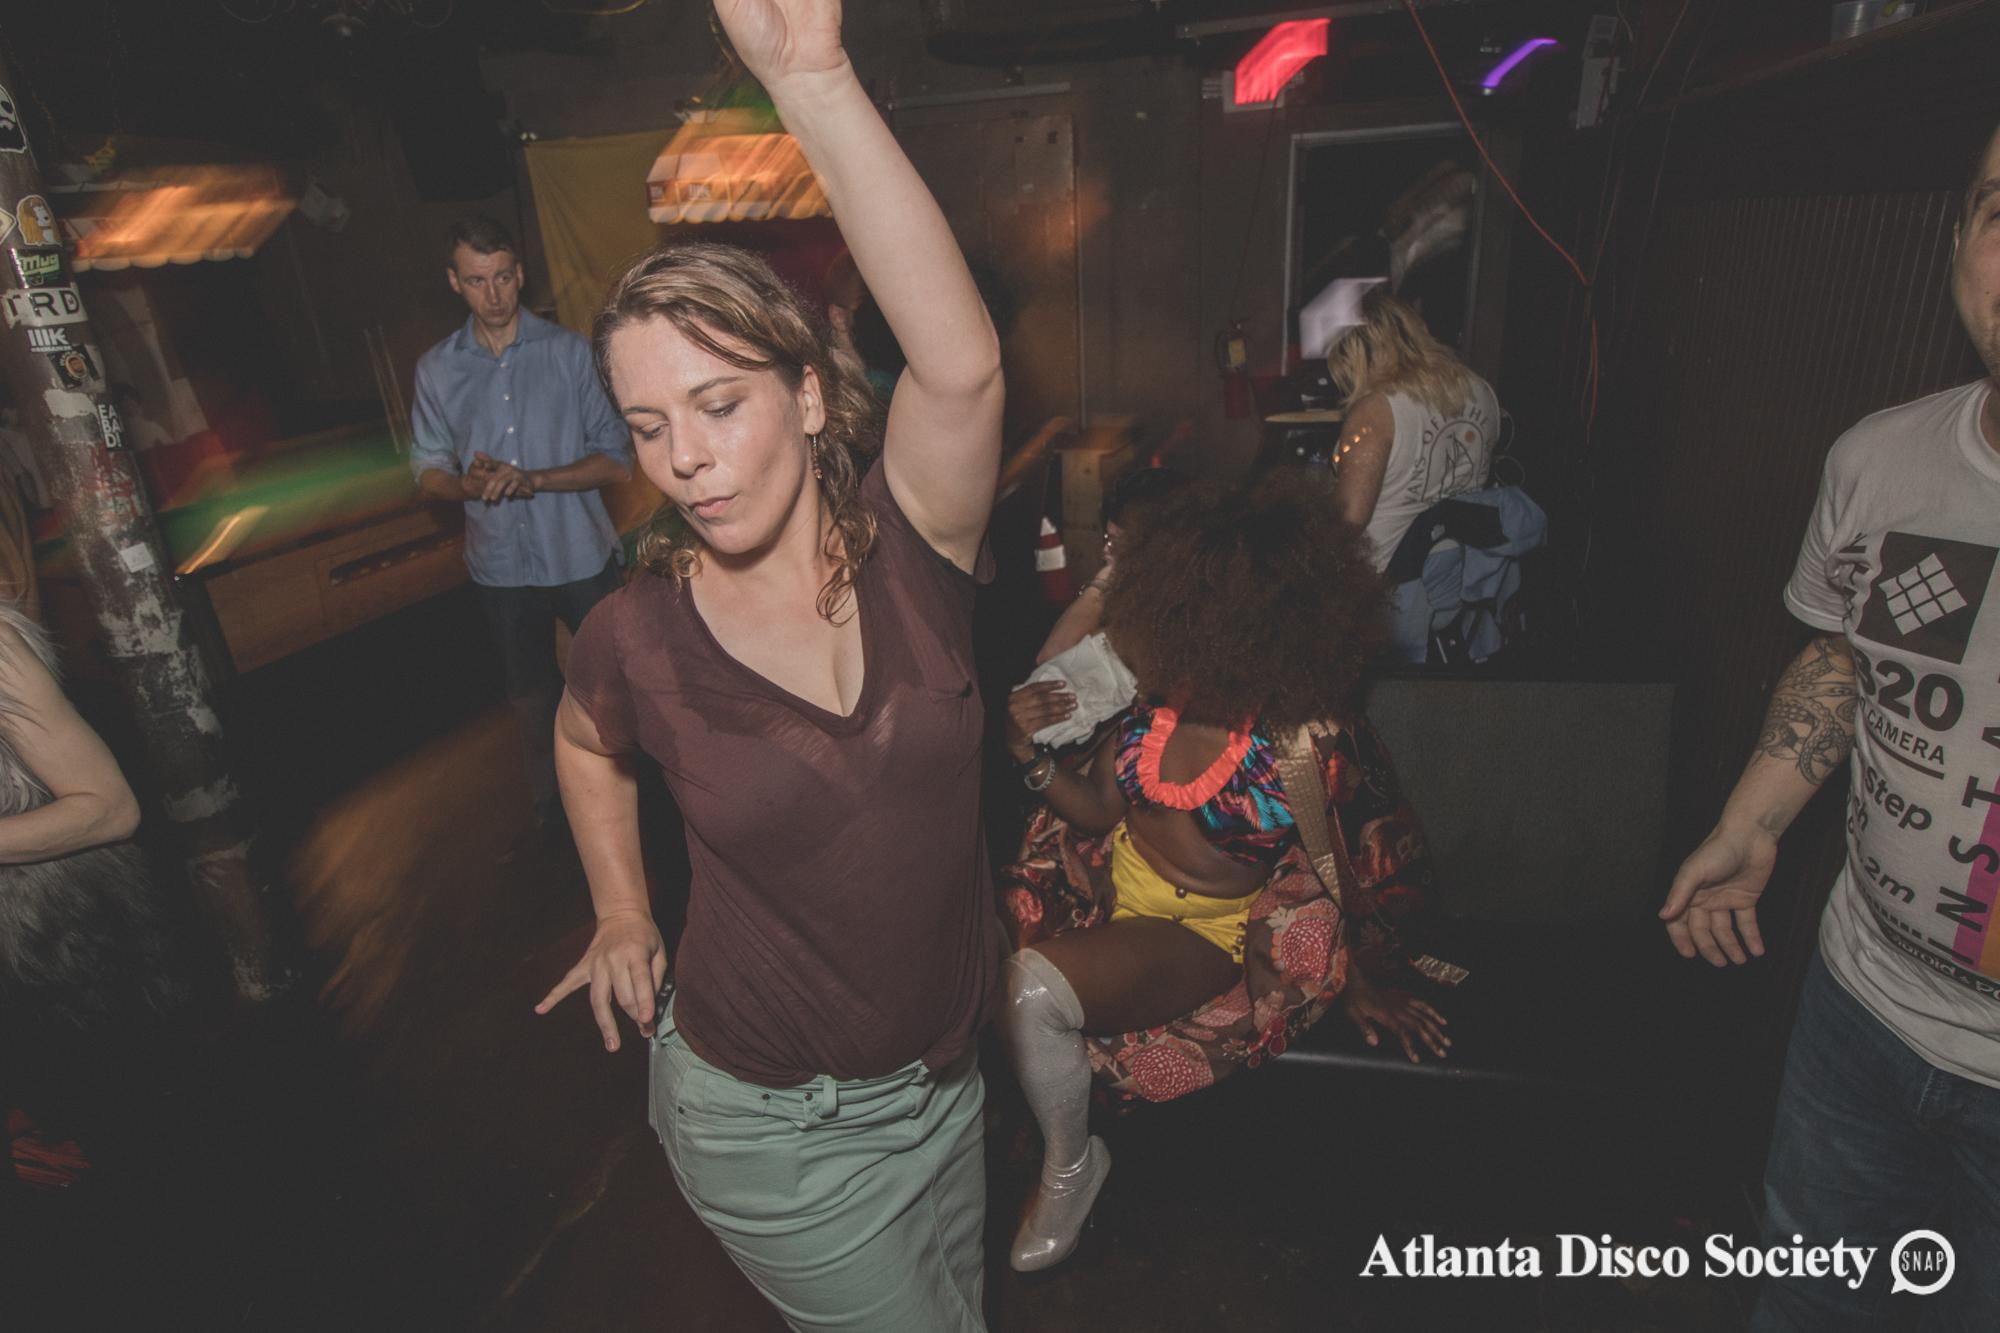 79Atlanta Disco Society Grace Kelly Oh Snap Kid 7.27.19.jpg